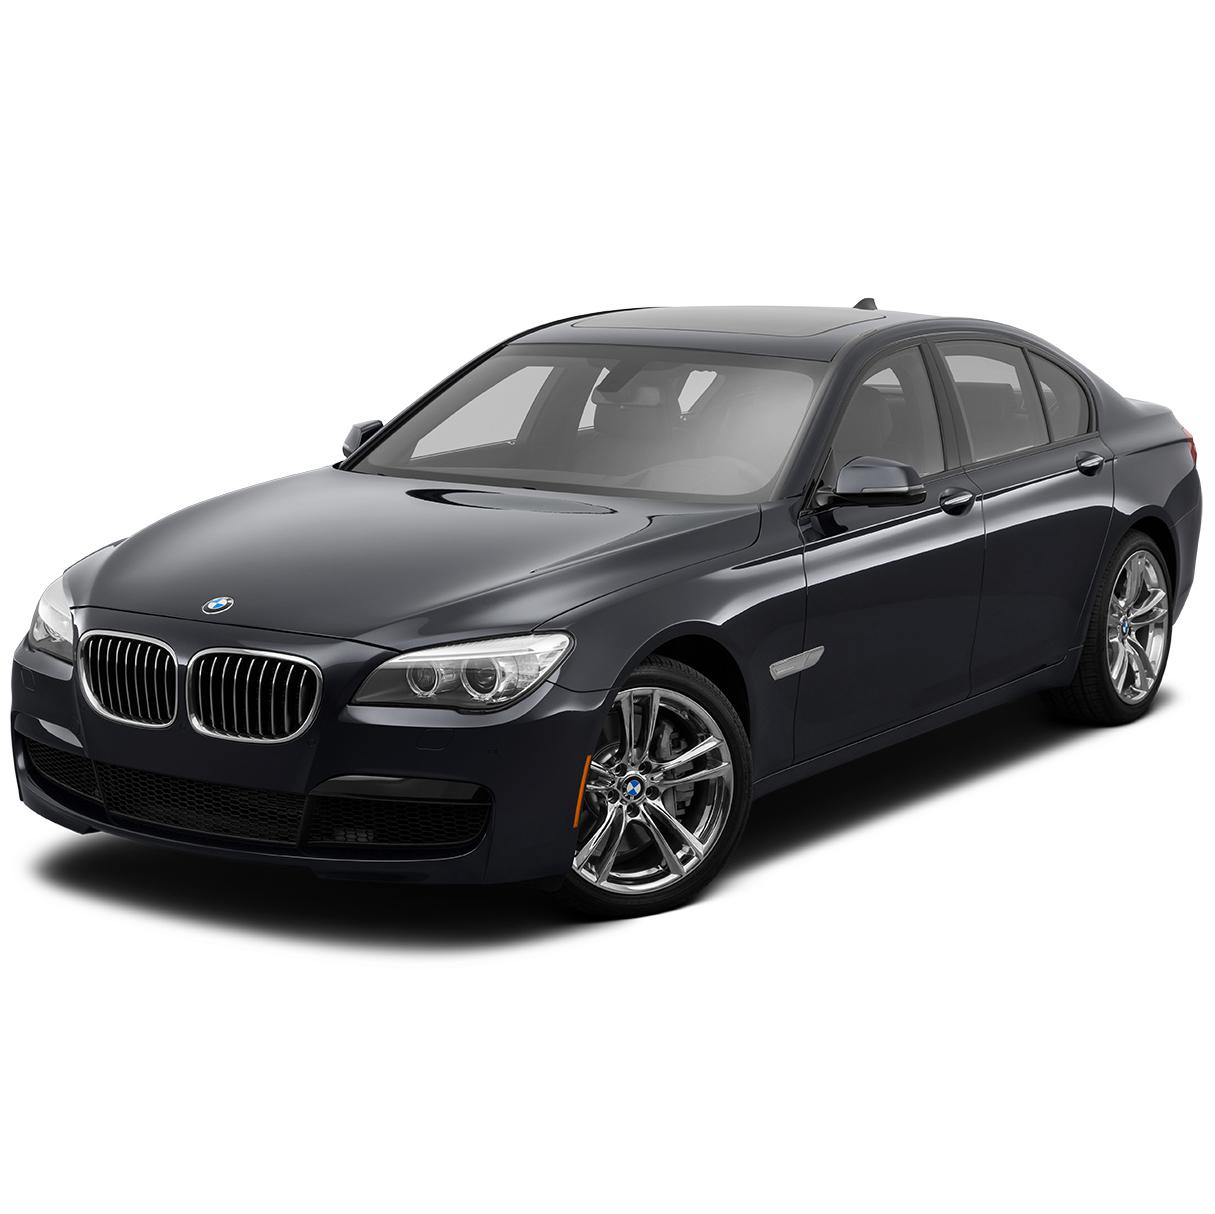 BMW 7 Series Car Mats (All Models)